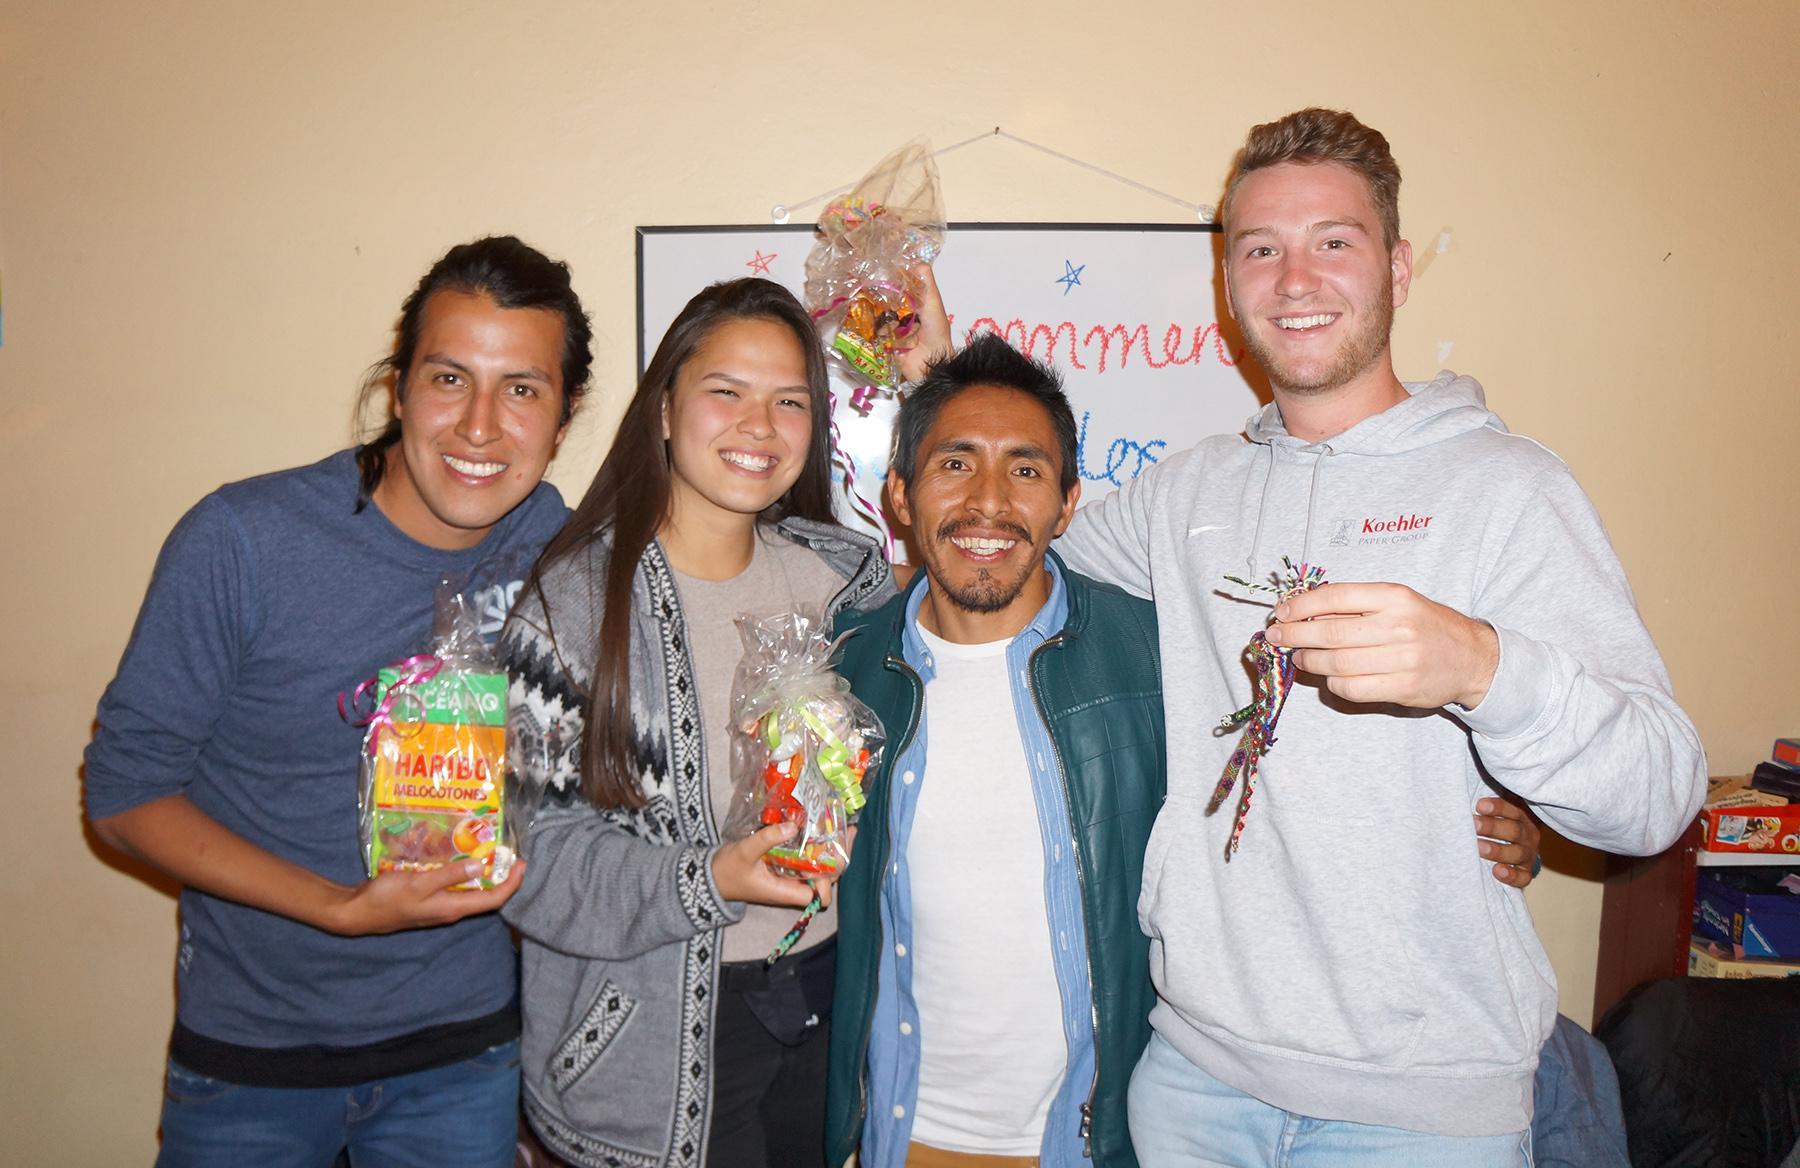 Kultur kennenlernen spanisch